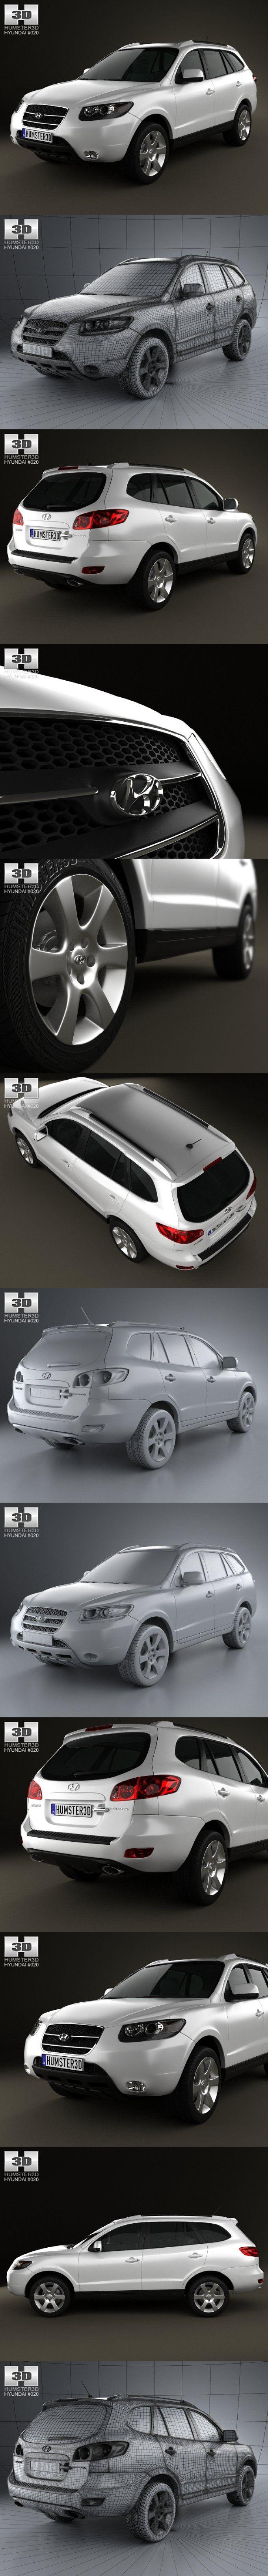 Hyundai Santa Fe 2007. 3D Vehicles